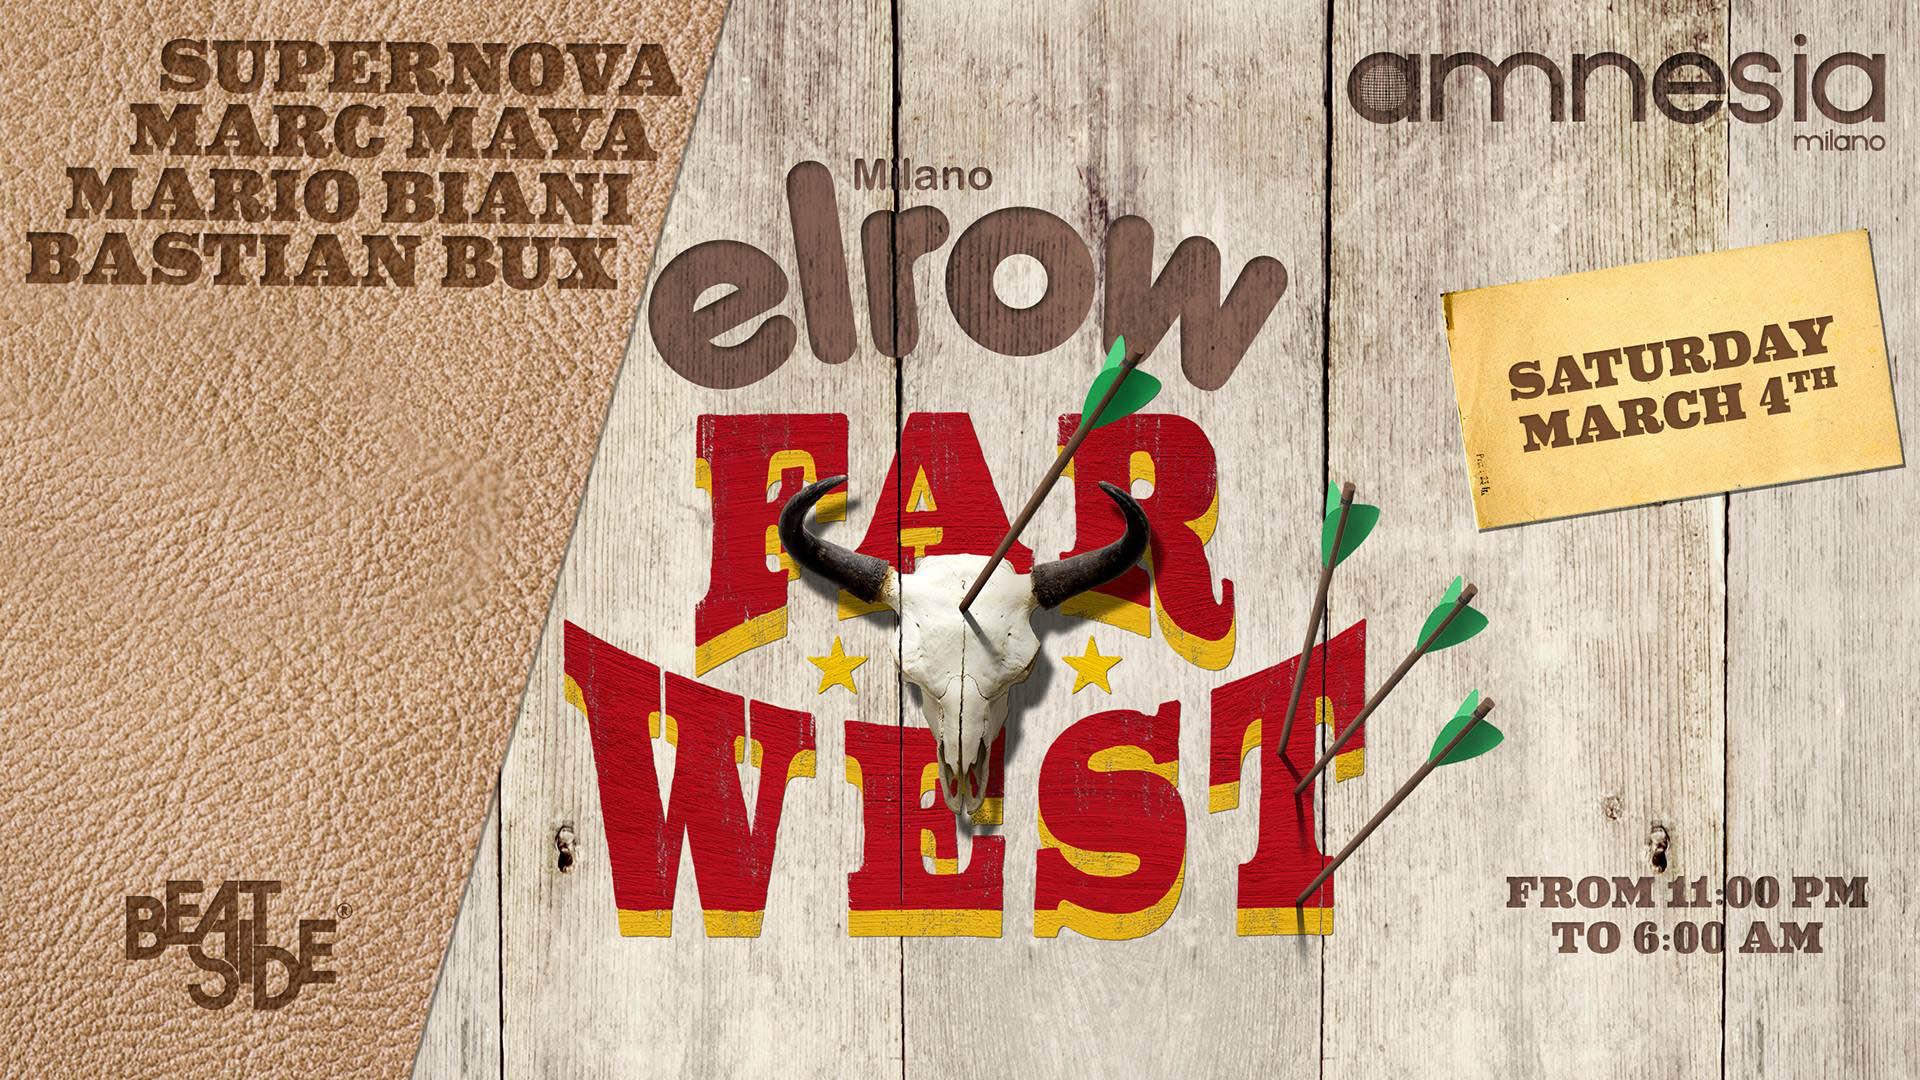 Amnesia Milano Elrow 04 03 2017